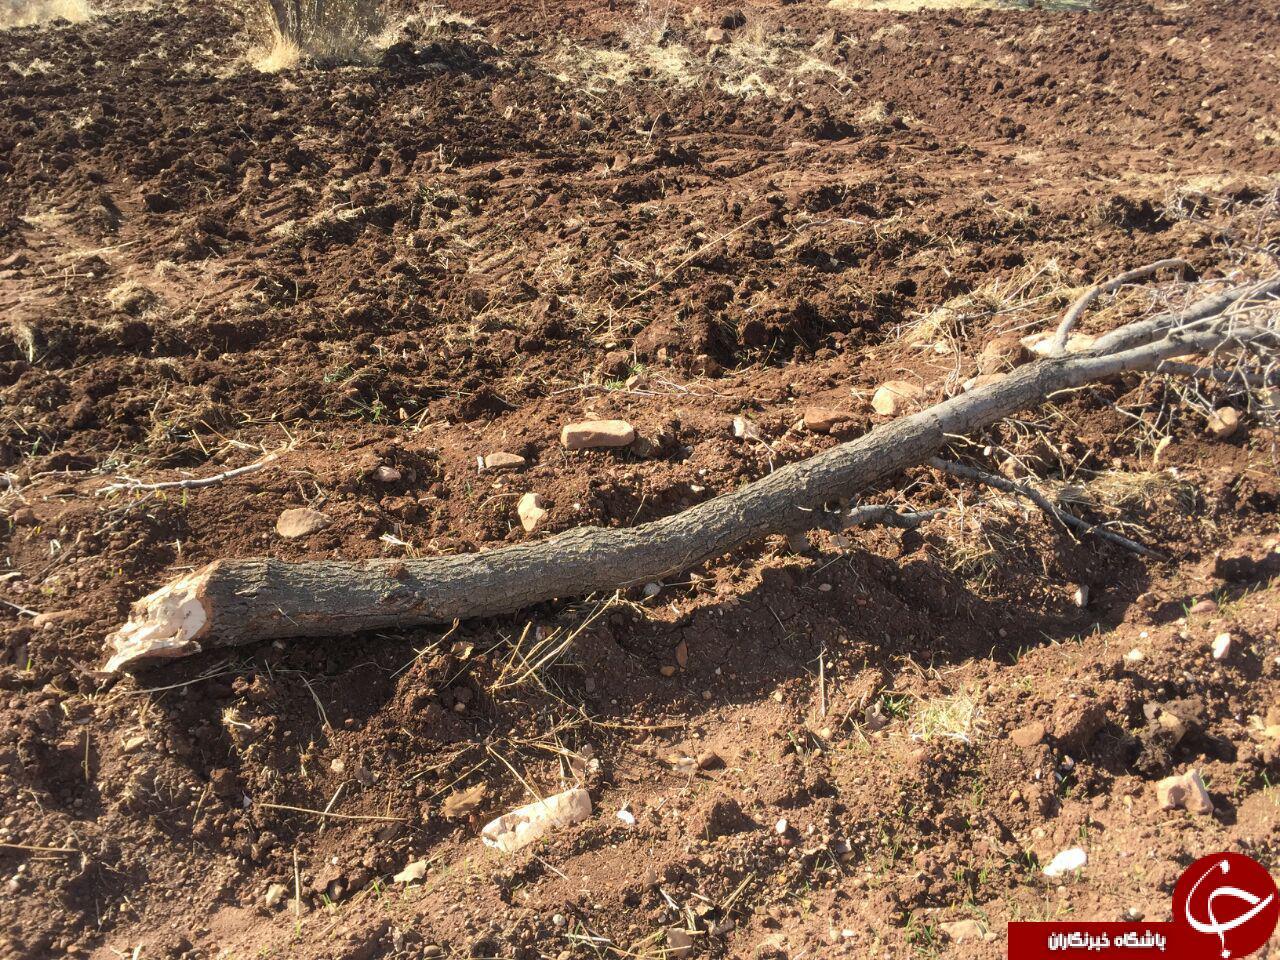 جنگل اولاد قباد رو به نابودی است + تصاویر